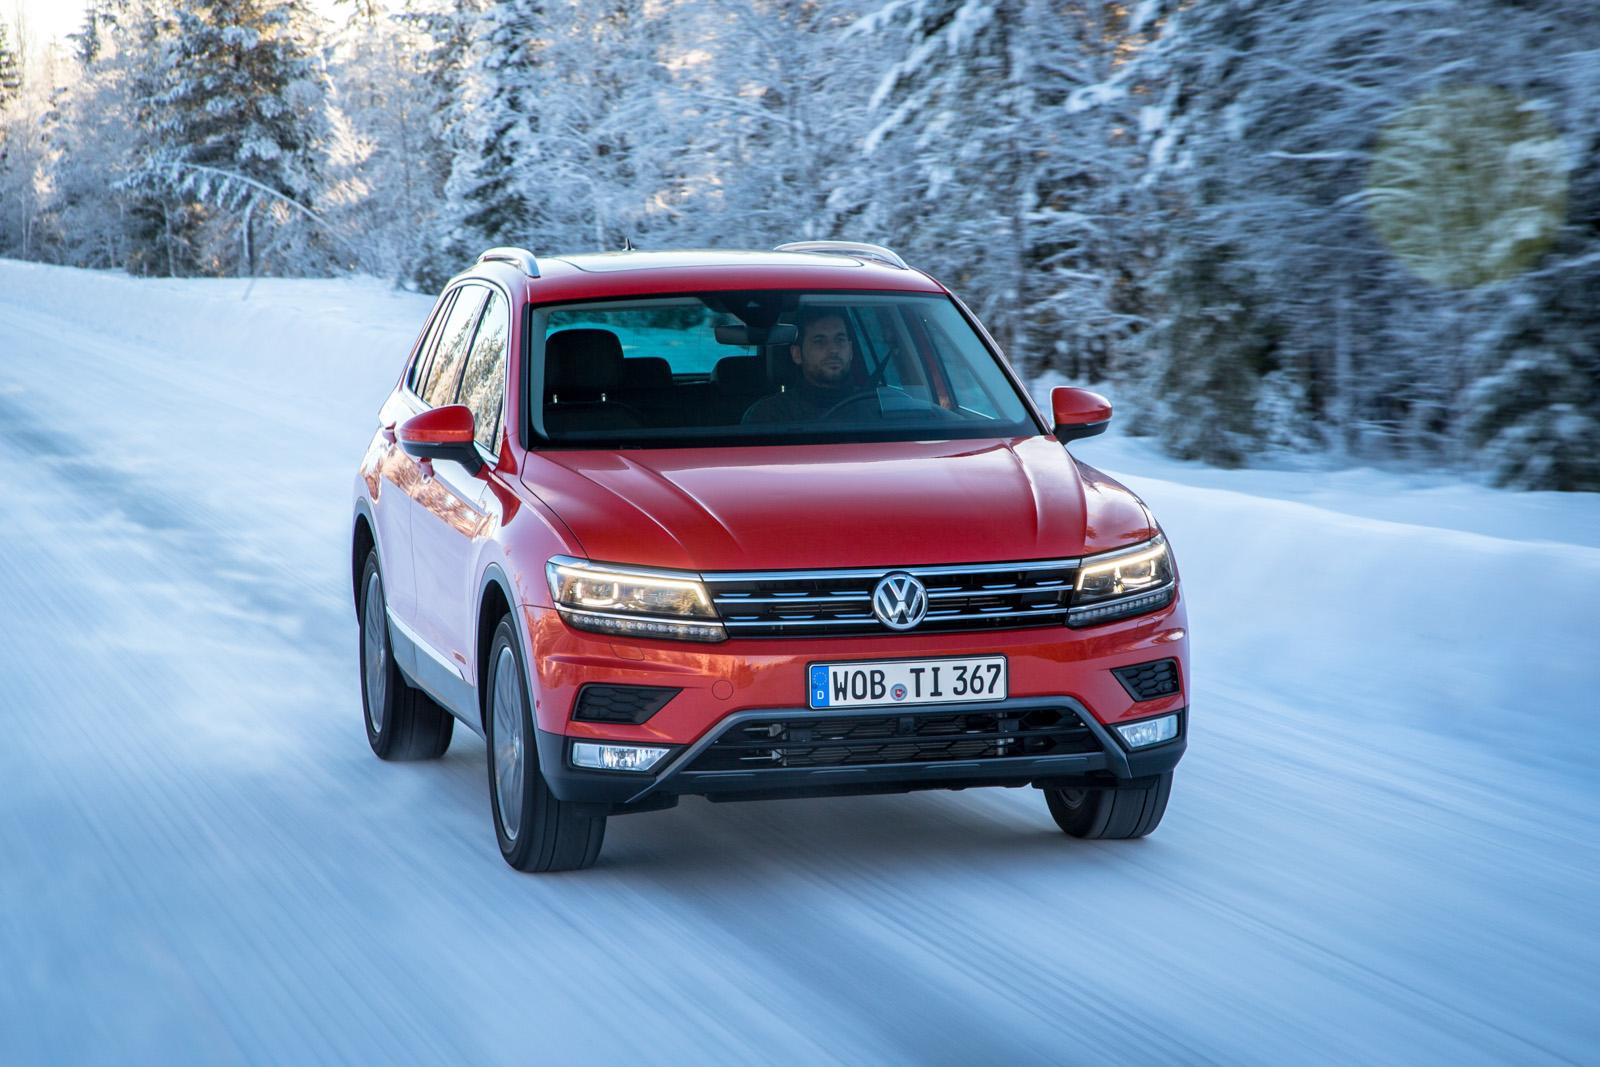 2017 Volkswagen Tiguan Review